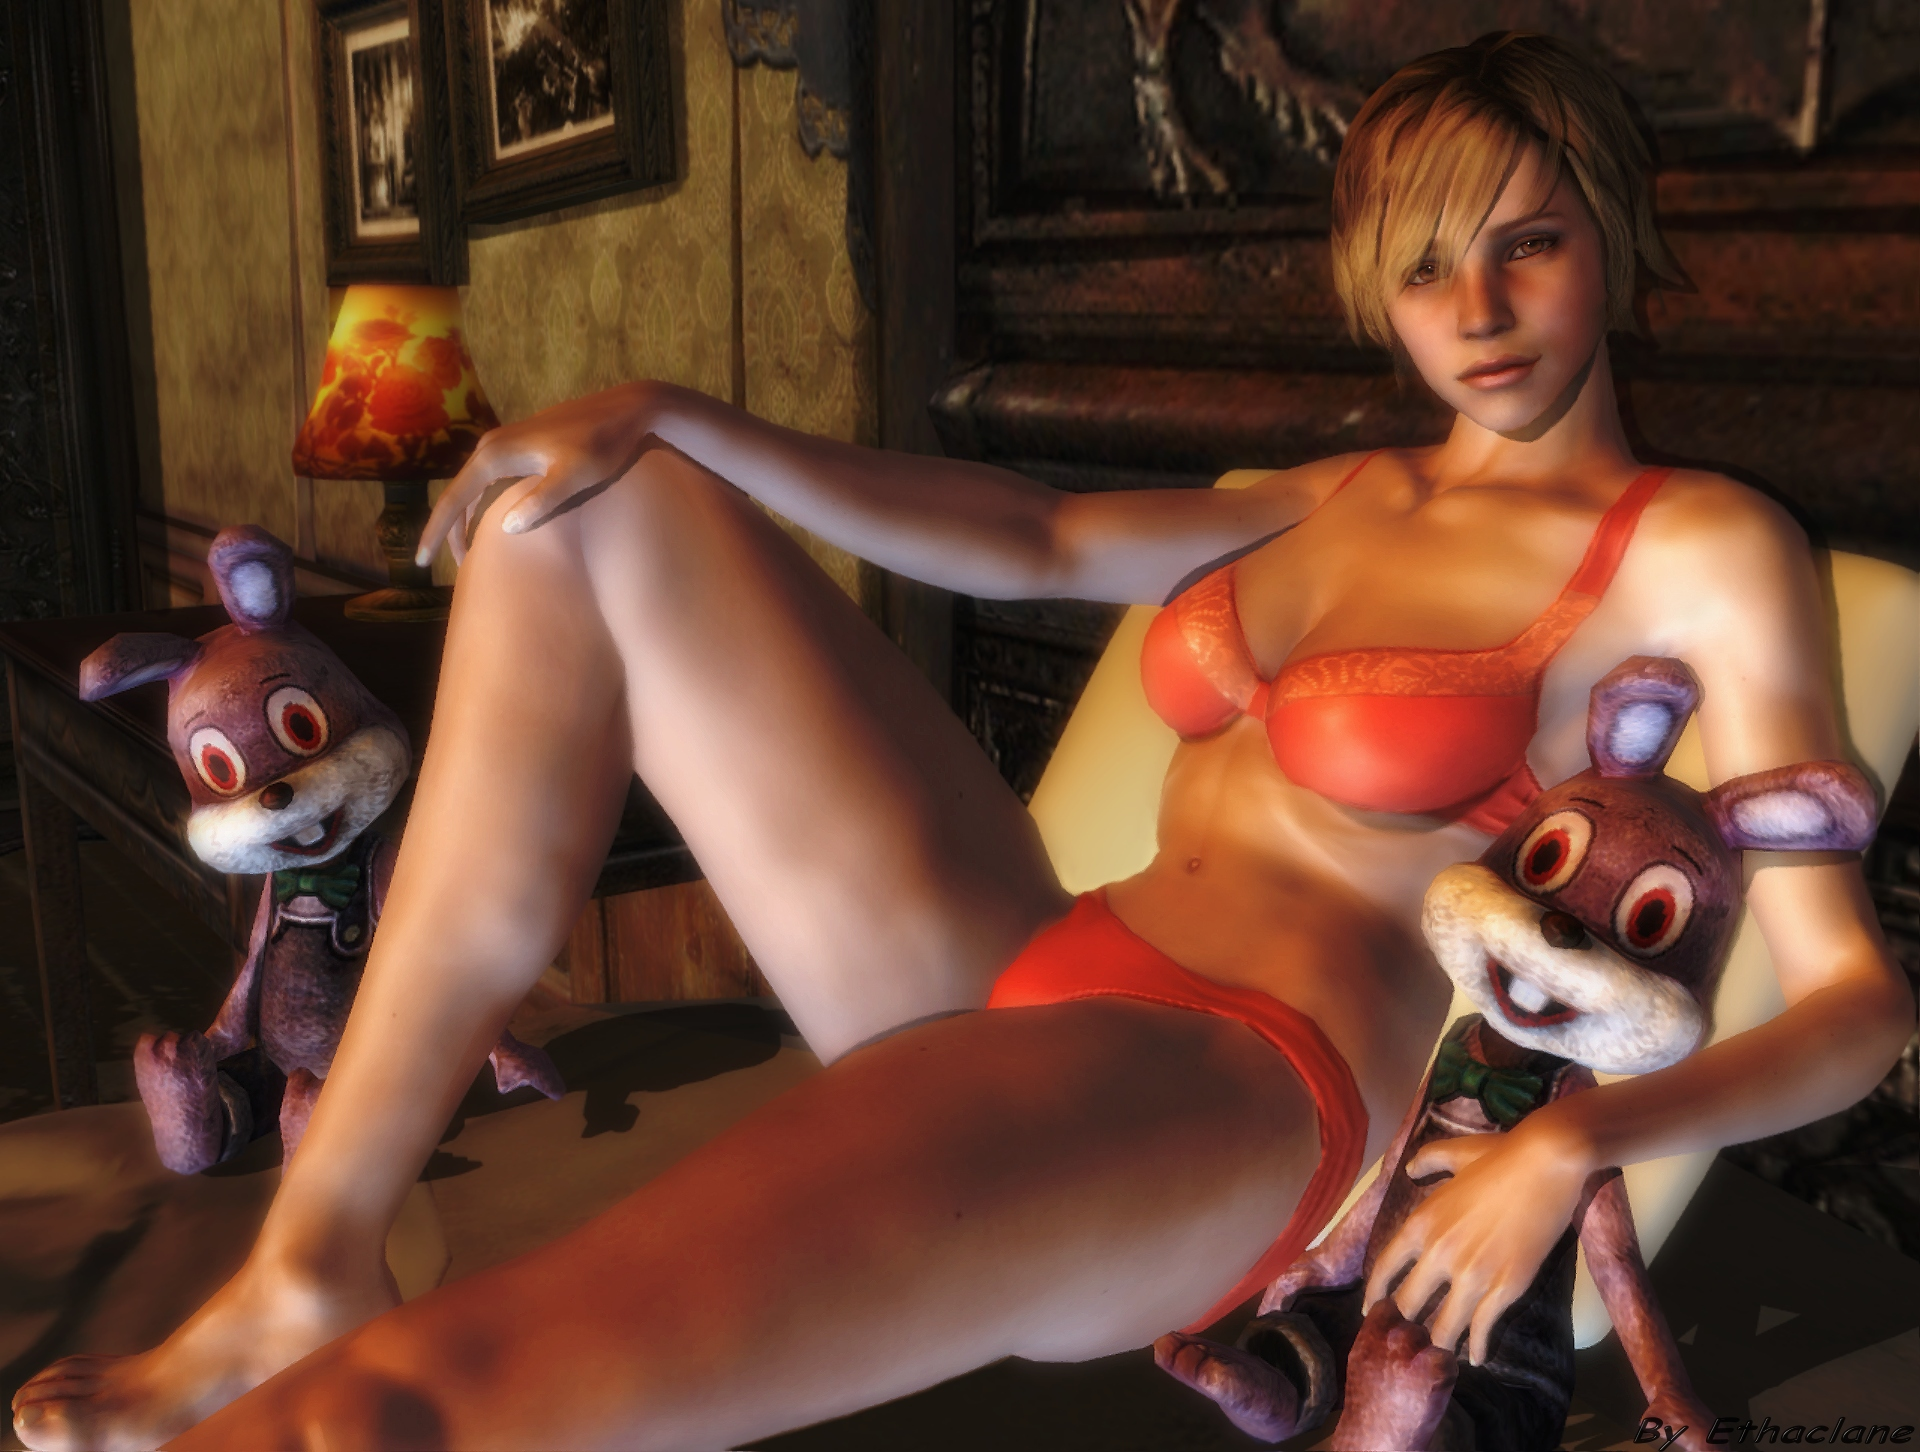 www.meena nude.com